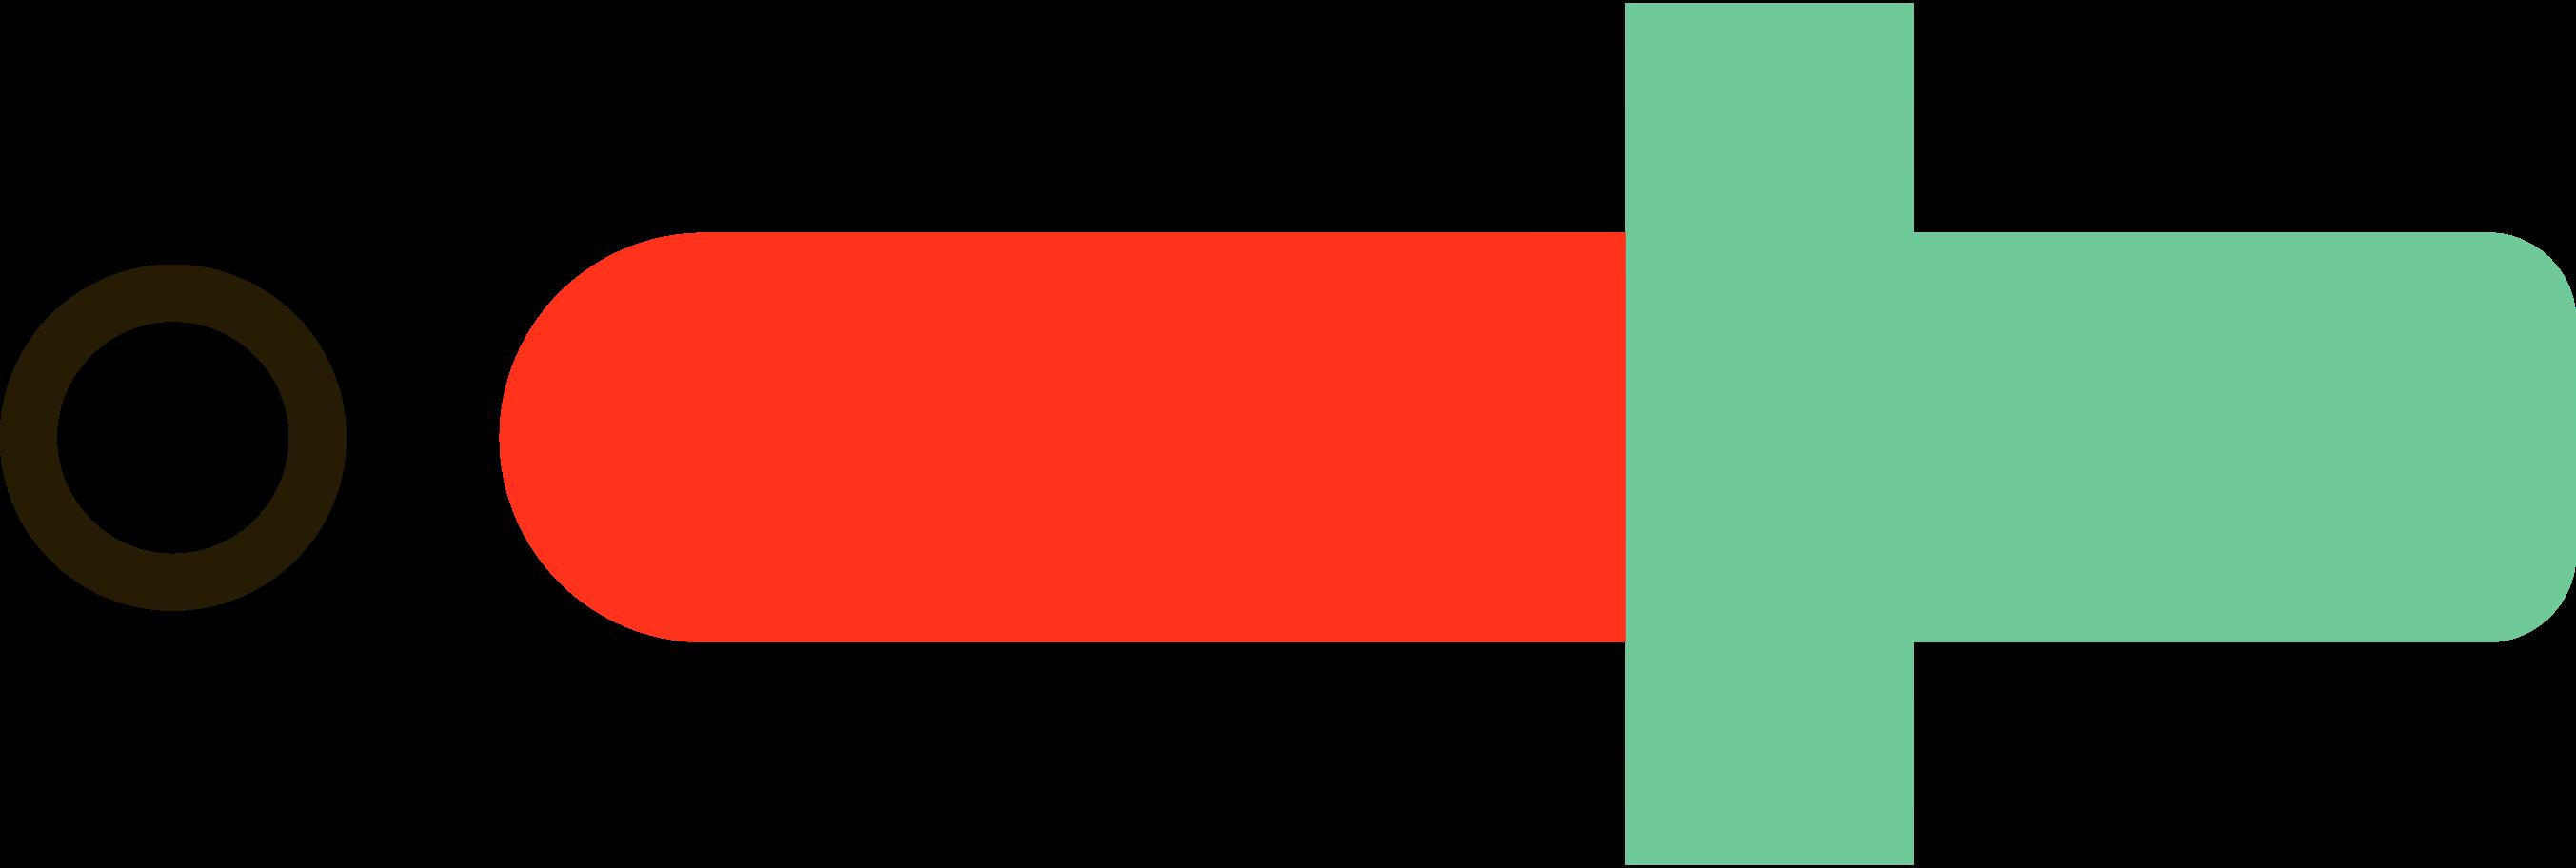 Ilustración de clipart de Selector de color en PNG, SVG